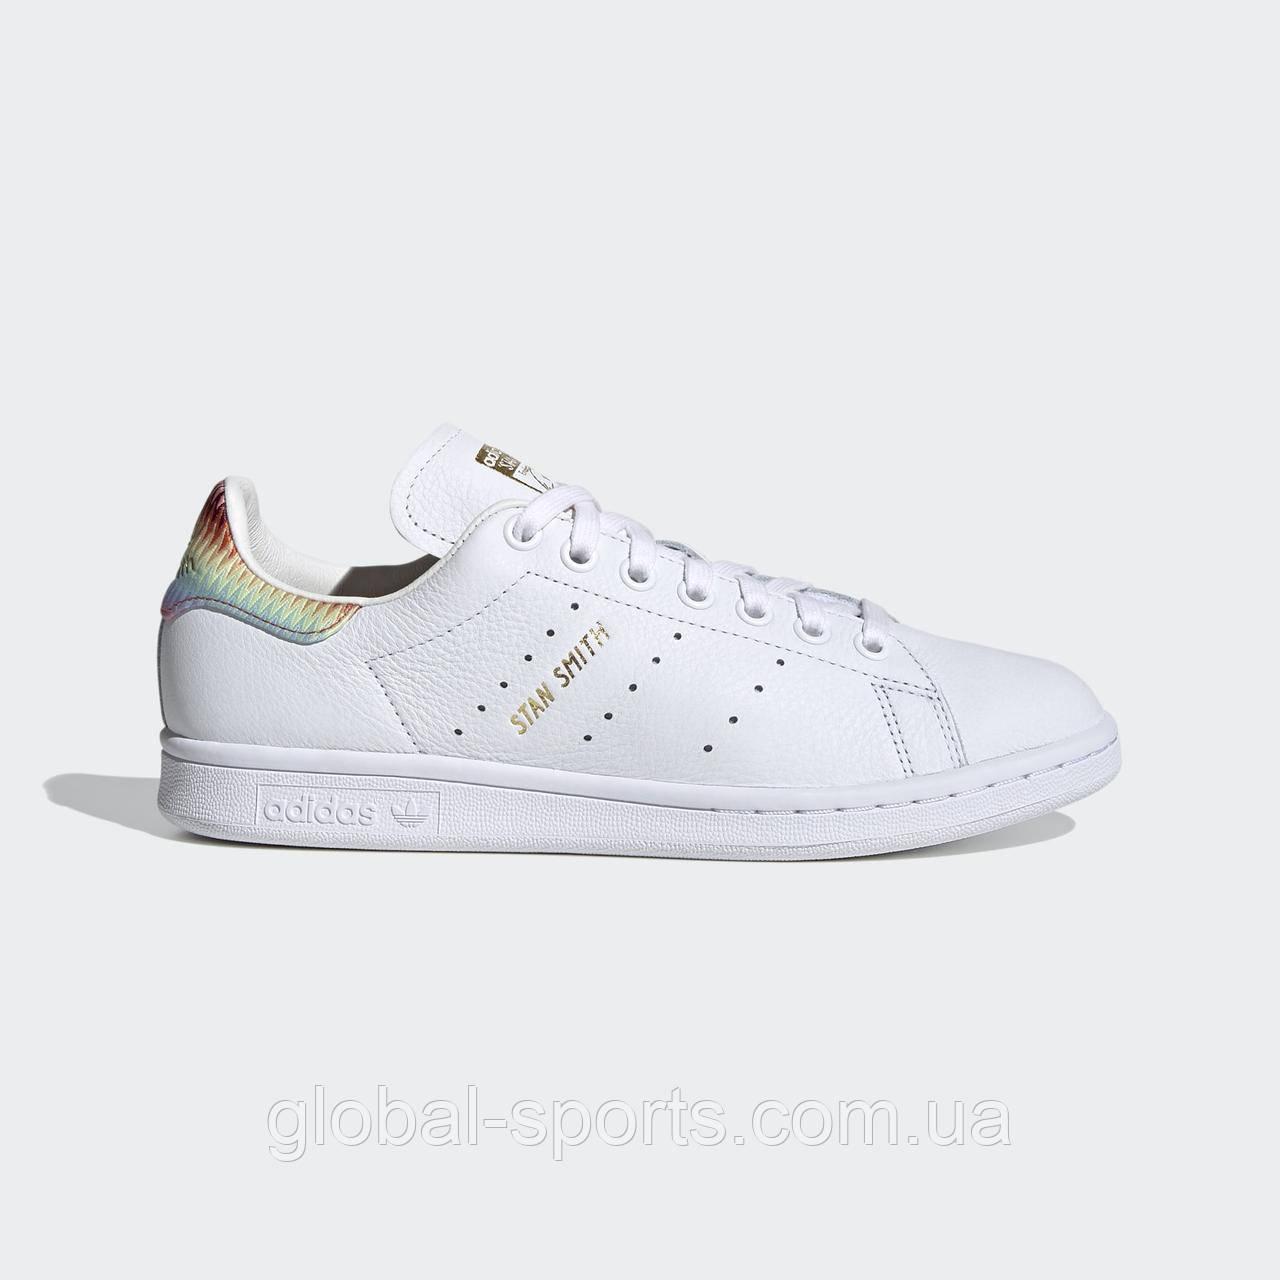 Женские кроссовки Adidas Originals Stan Smith (Артикул:FY9000)